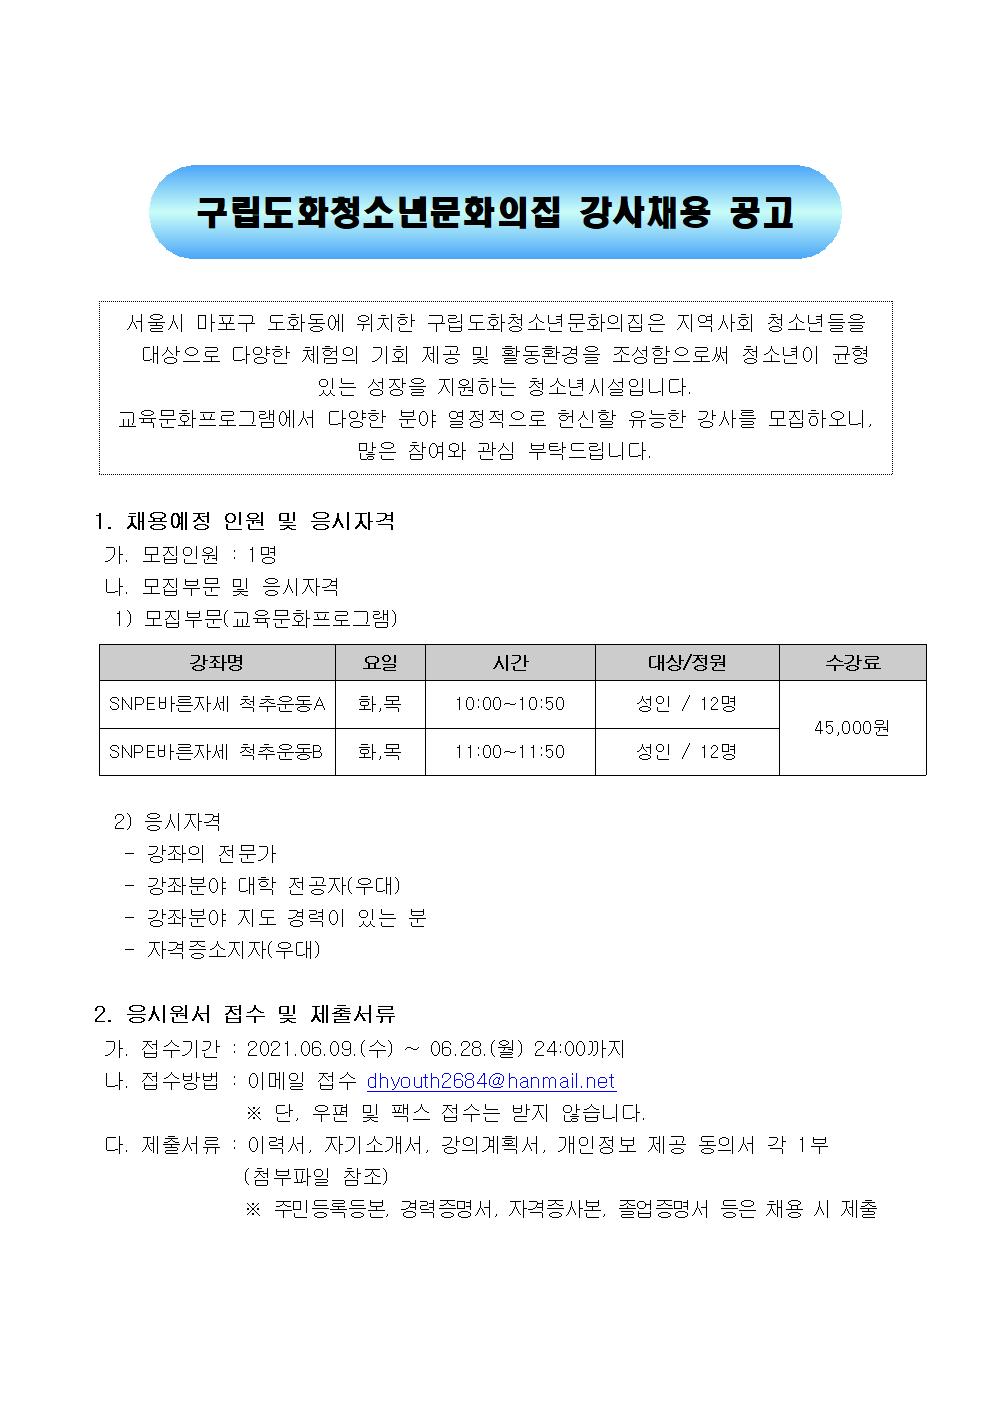 붙임1_강사채용 공고문_SNPE001.png